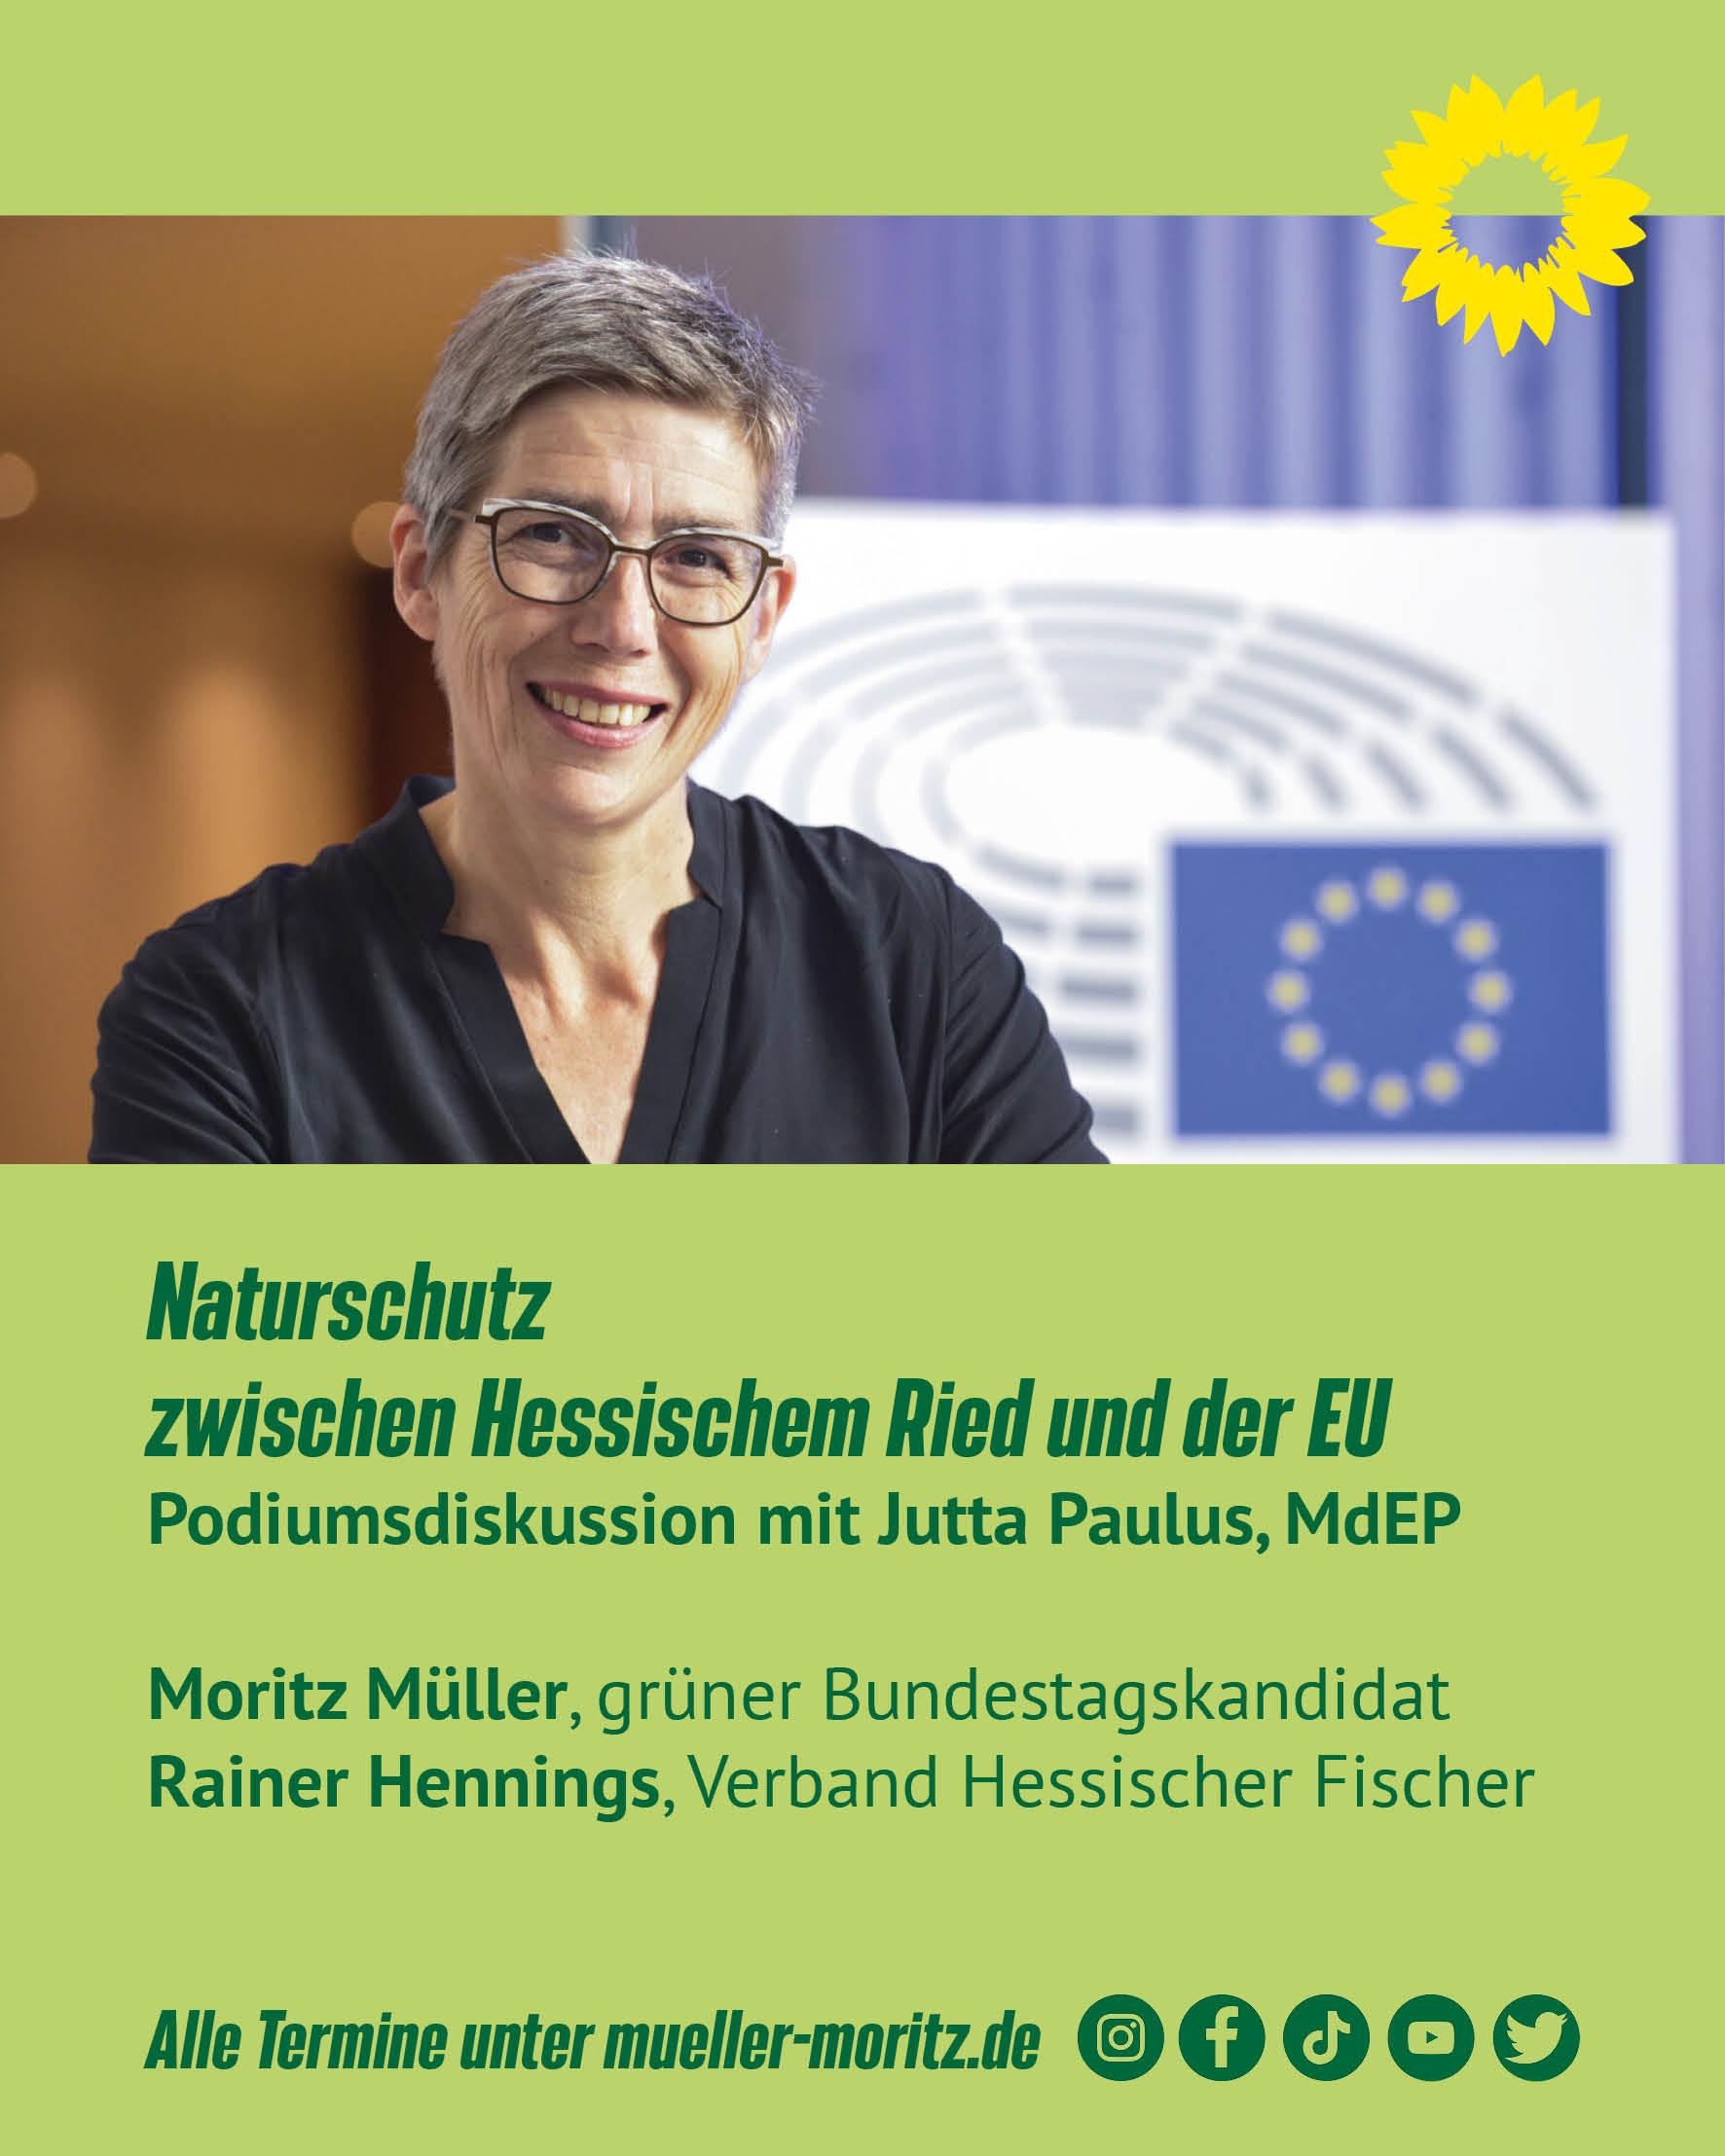 Veranstaltung und Stream 10.9: Naturschutz zwischen Hessischem Ried und der EU